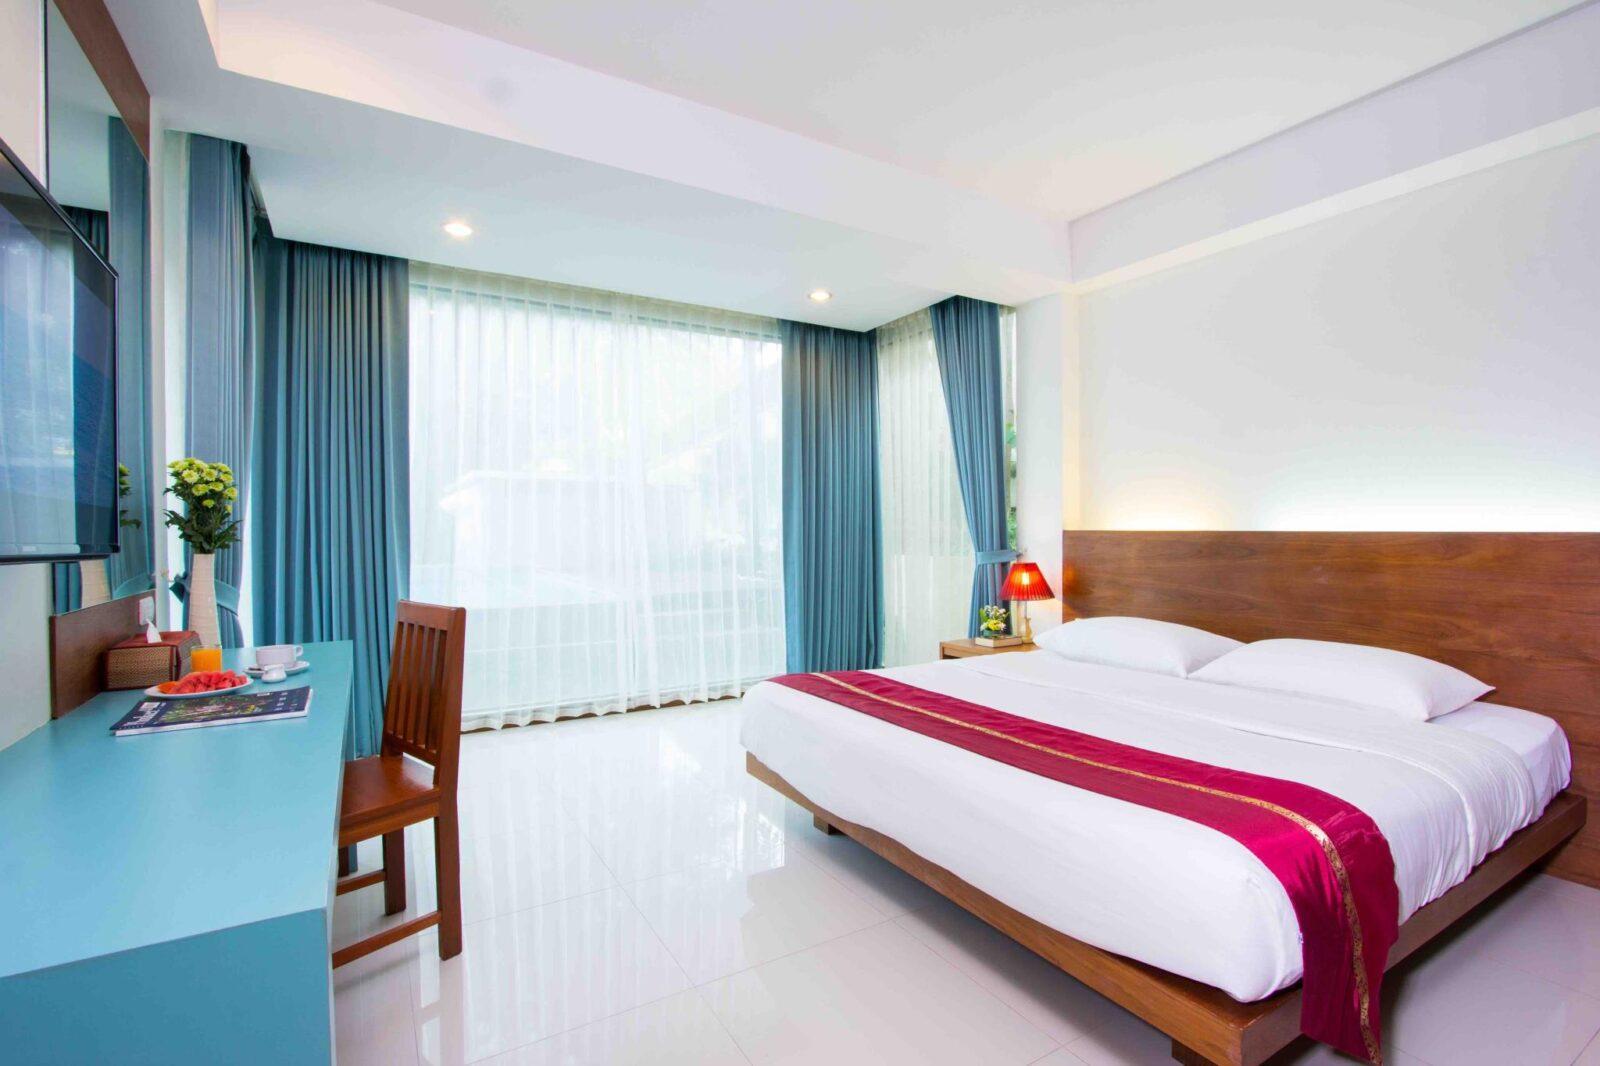 Отель Baan Raron Resort 3* в Таиланде, Карон